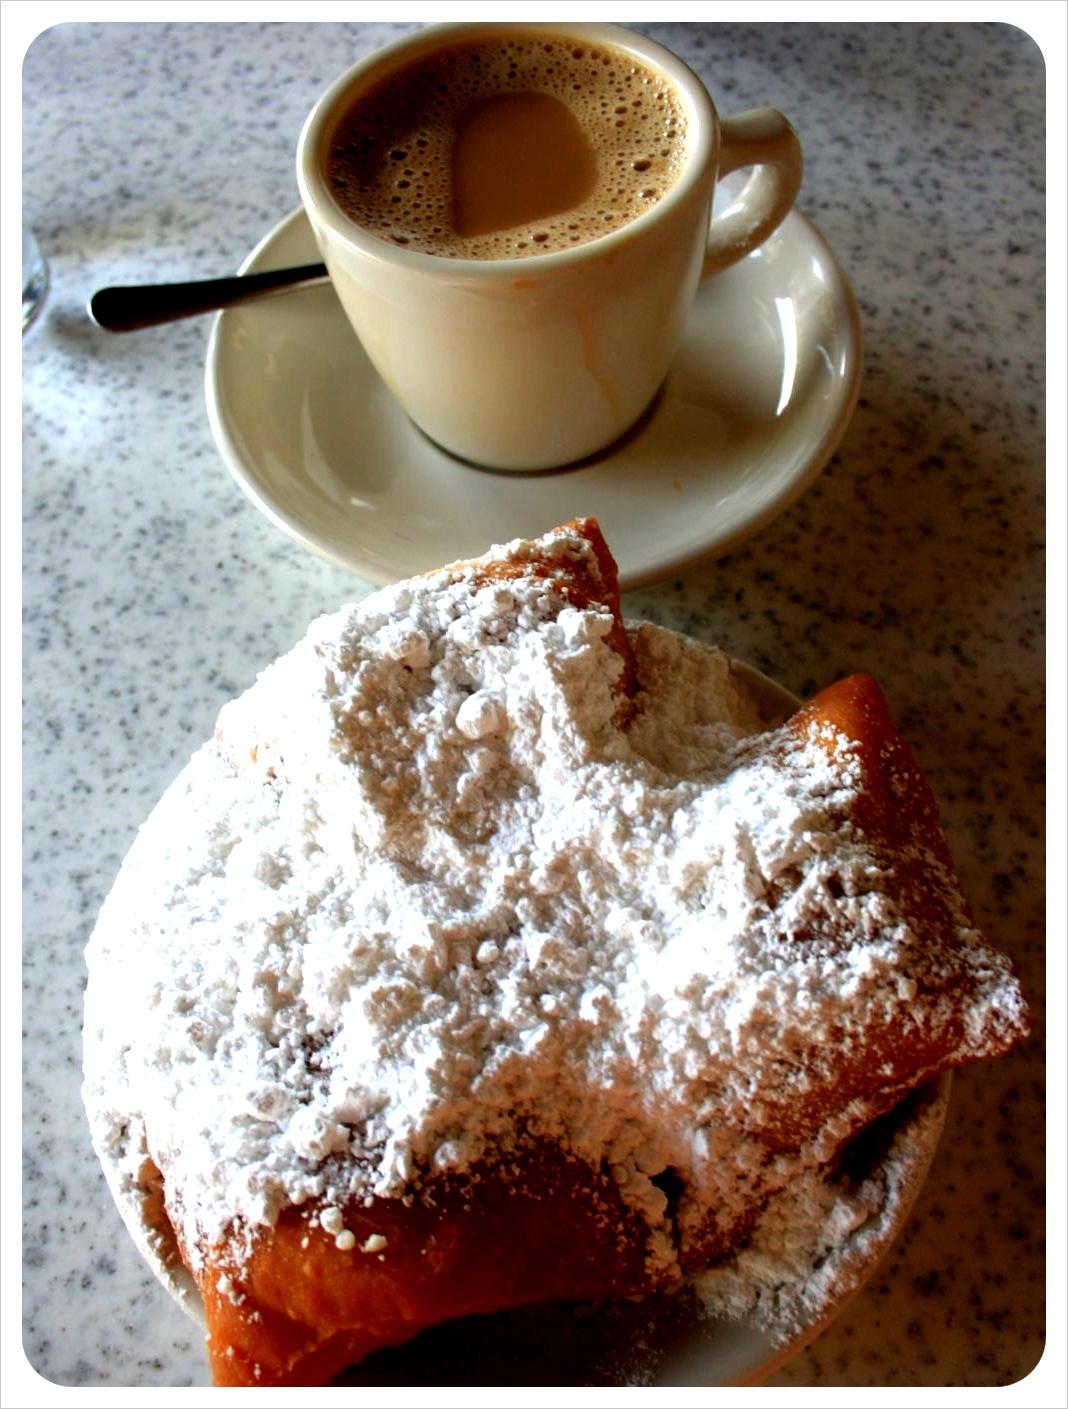 beignets & cafe au lait new orleans cafe du monde